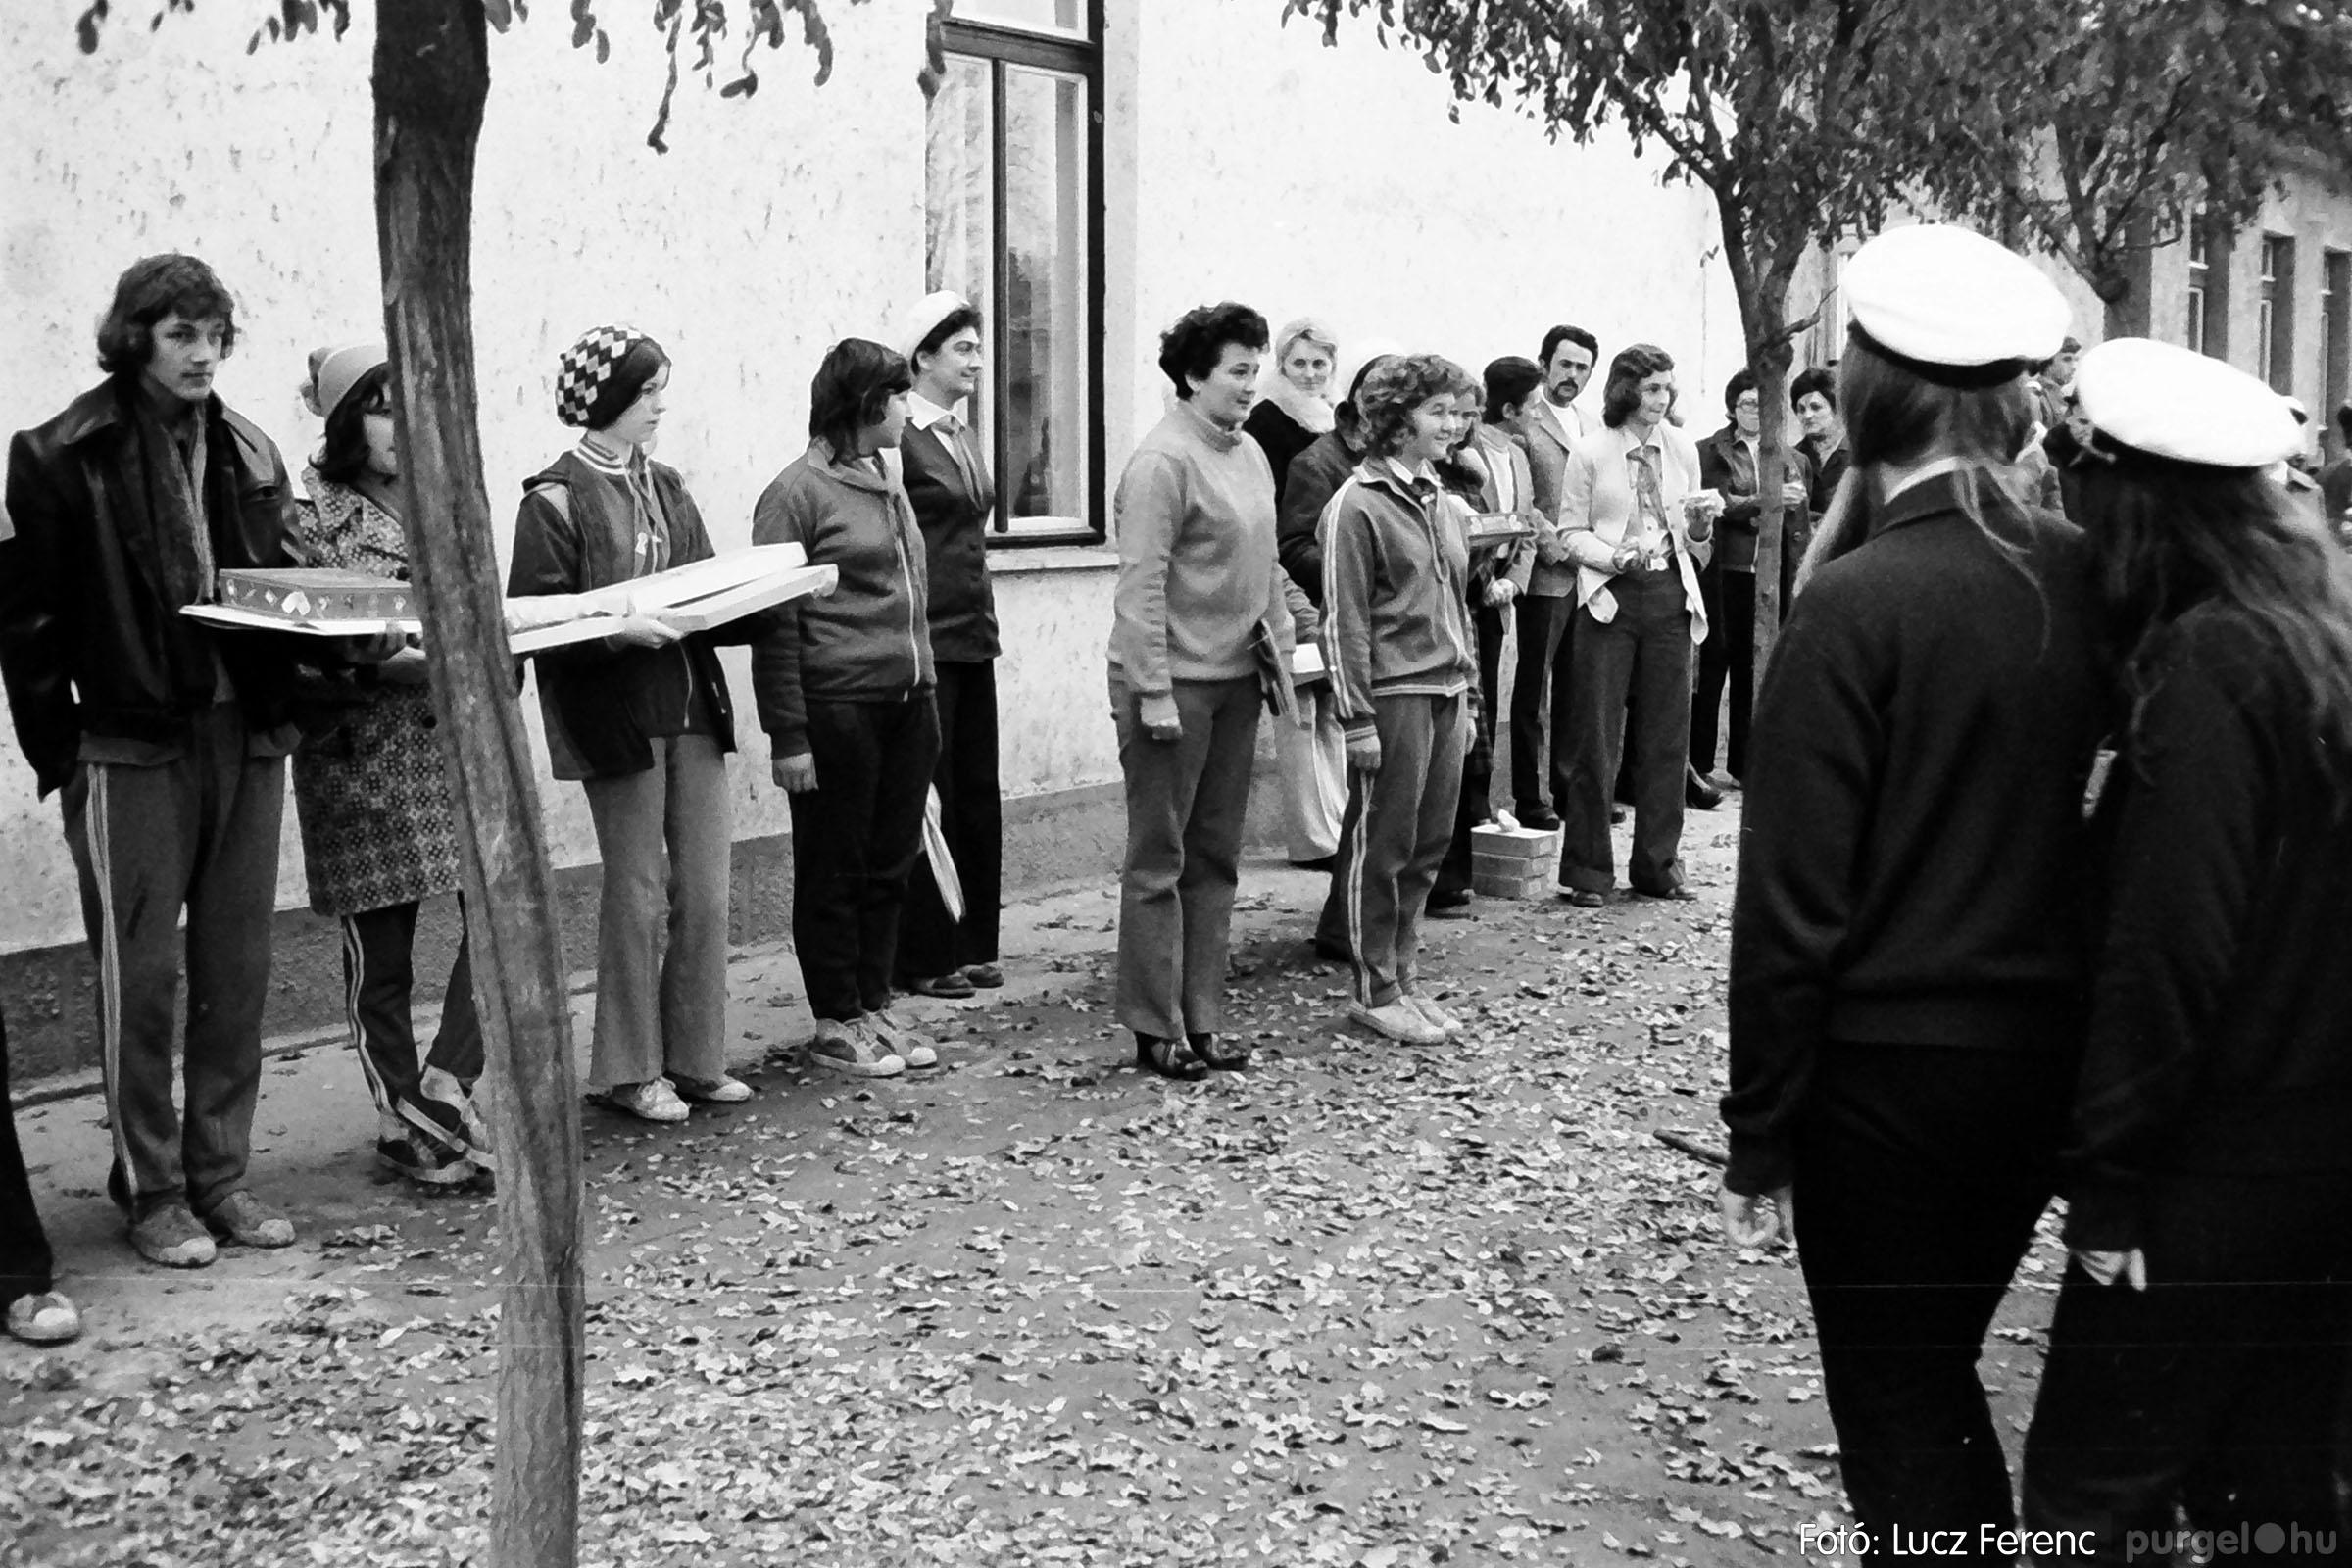 004A 1970-es évek - Úttörő rendezvény 016 - Fotó: Lucz Ferenc IMG00027q.jpg